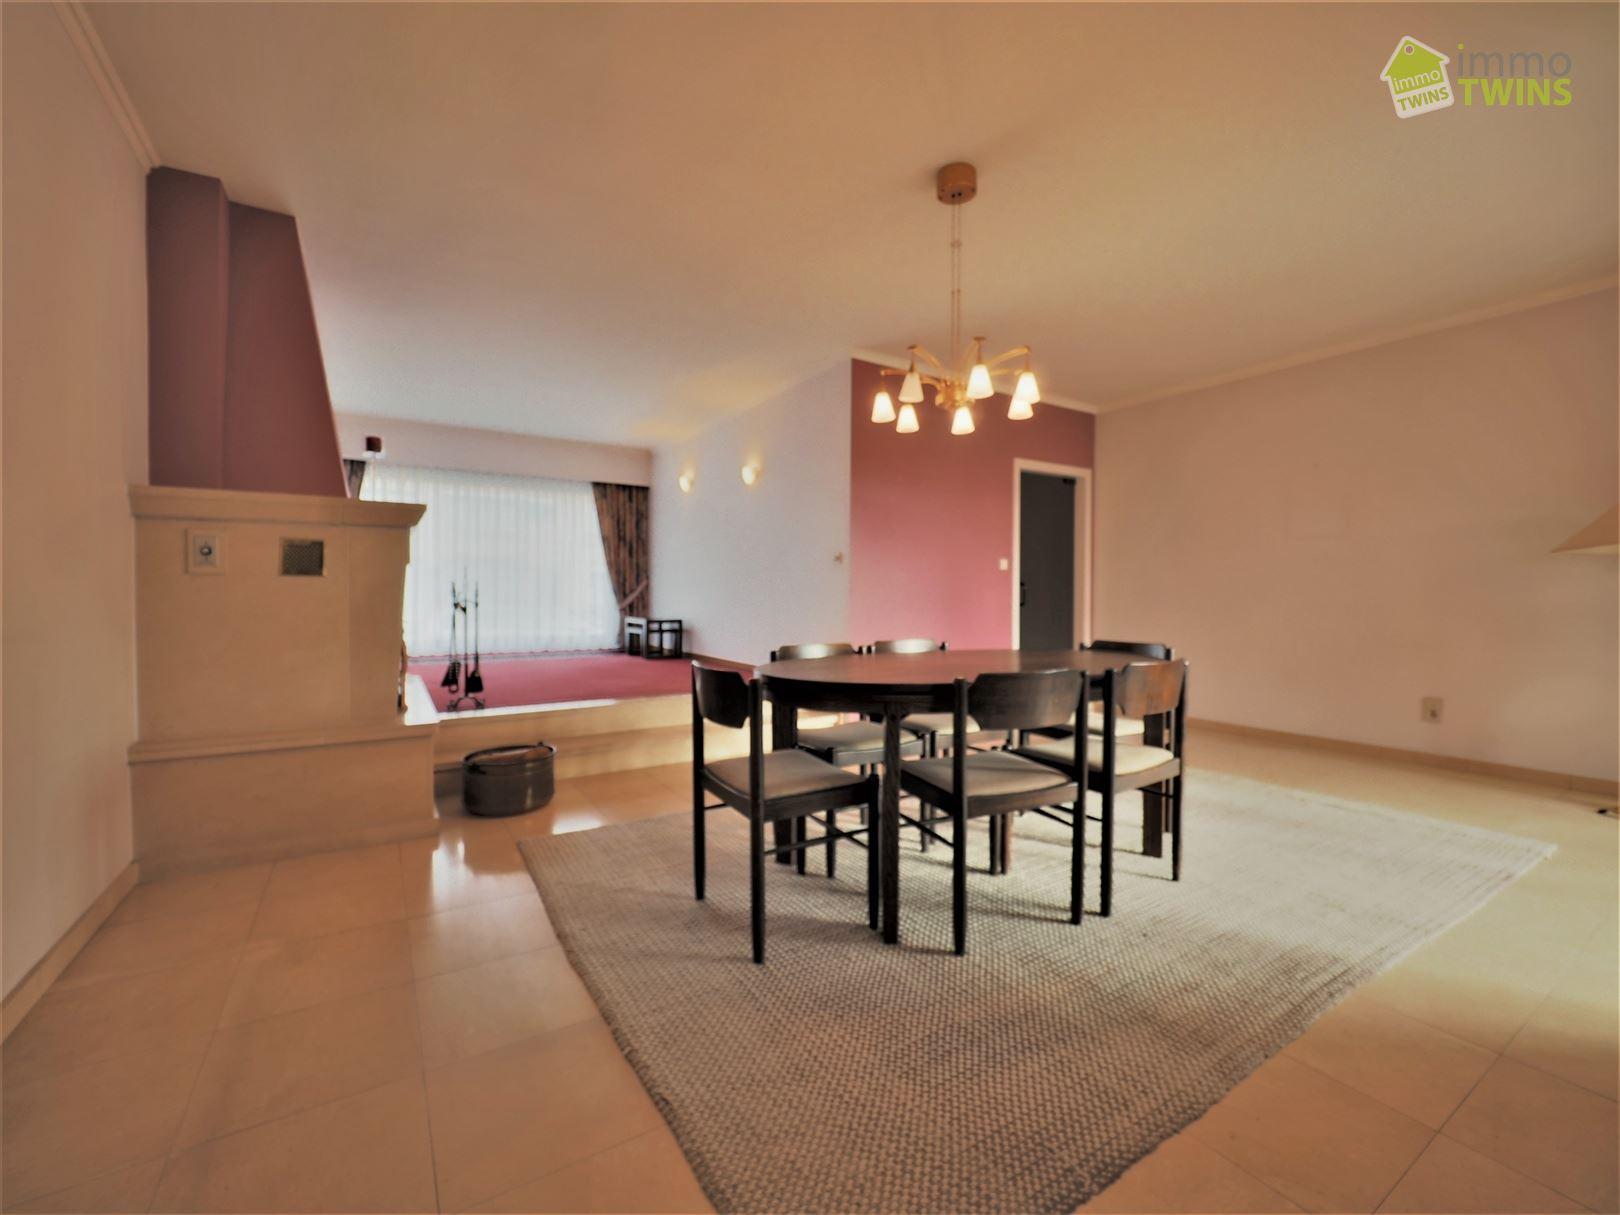 Foto 3 : Huis te 9240 ZELE (België) - Prijs € 345.000